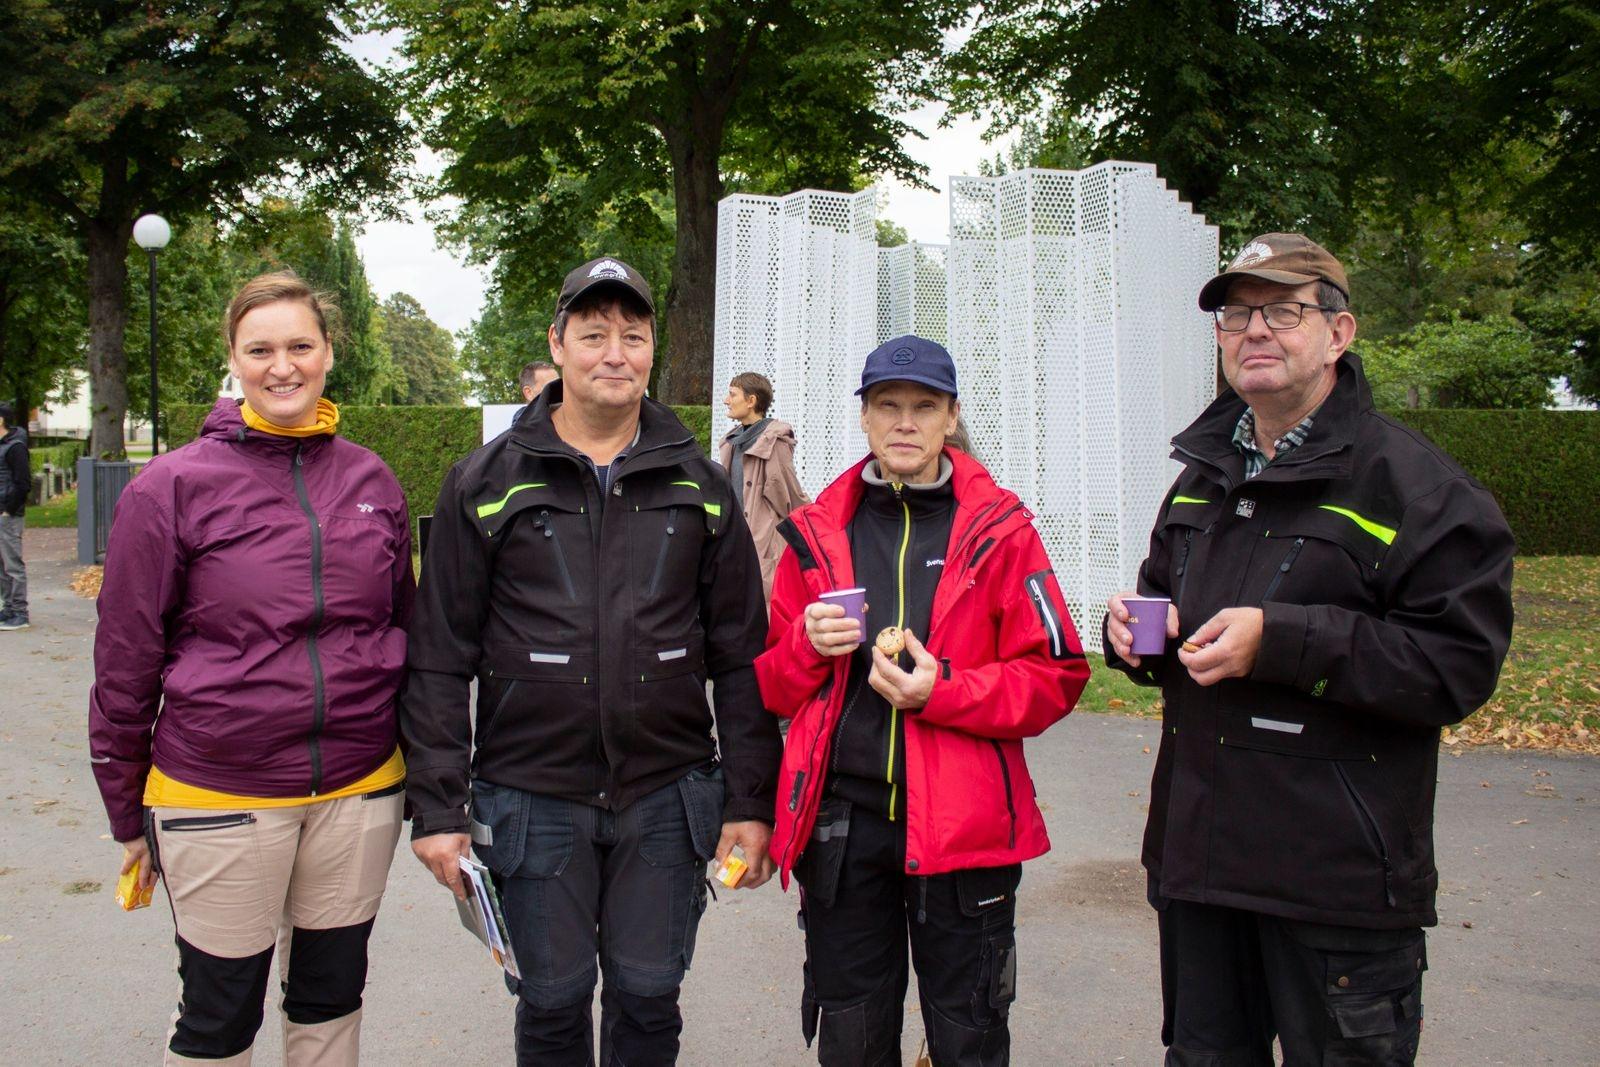 Malin Steinwandt, Lars-Ola Alvarsson, Åsa Wykman och Lars Åkesson från Ryssby-Åby pastorat i Växjö har bland annat tittat på lövblåsar och batterimaskiner. – Det är spännande att se vad som finns, säger Malin Steinwandt som studerar till trädgårdsmästare och just nu är ute på praktik.